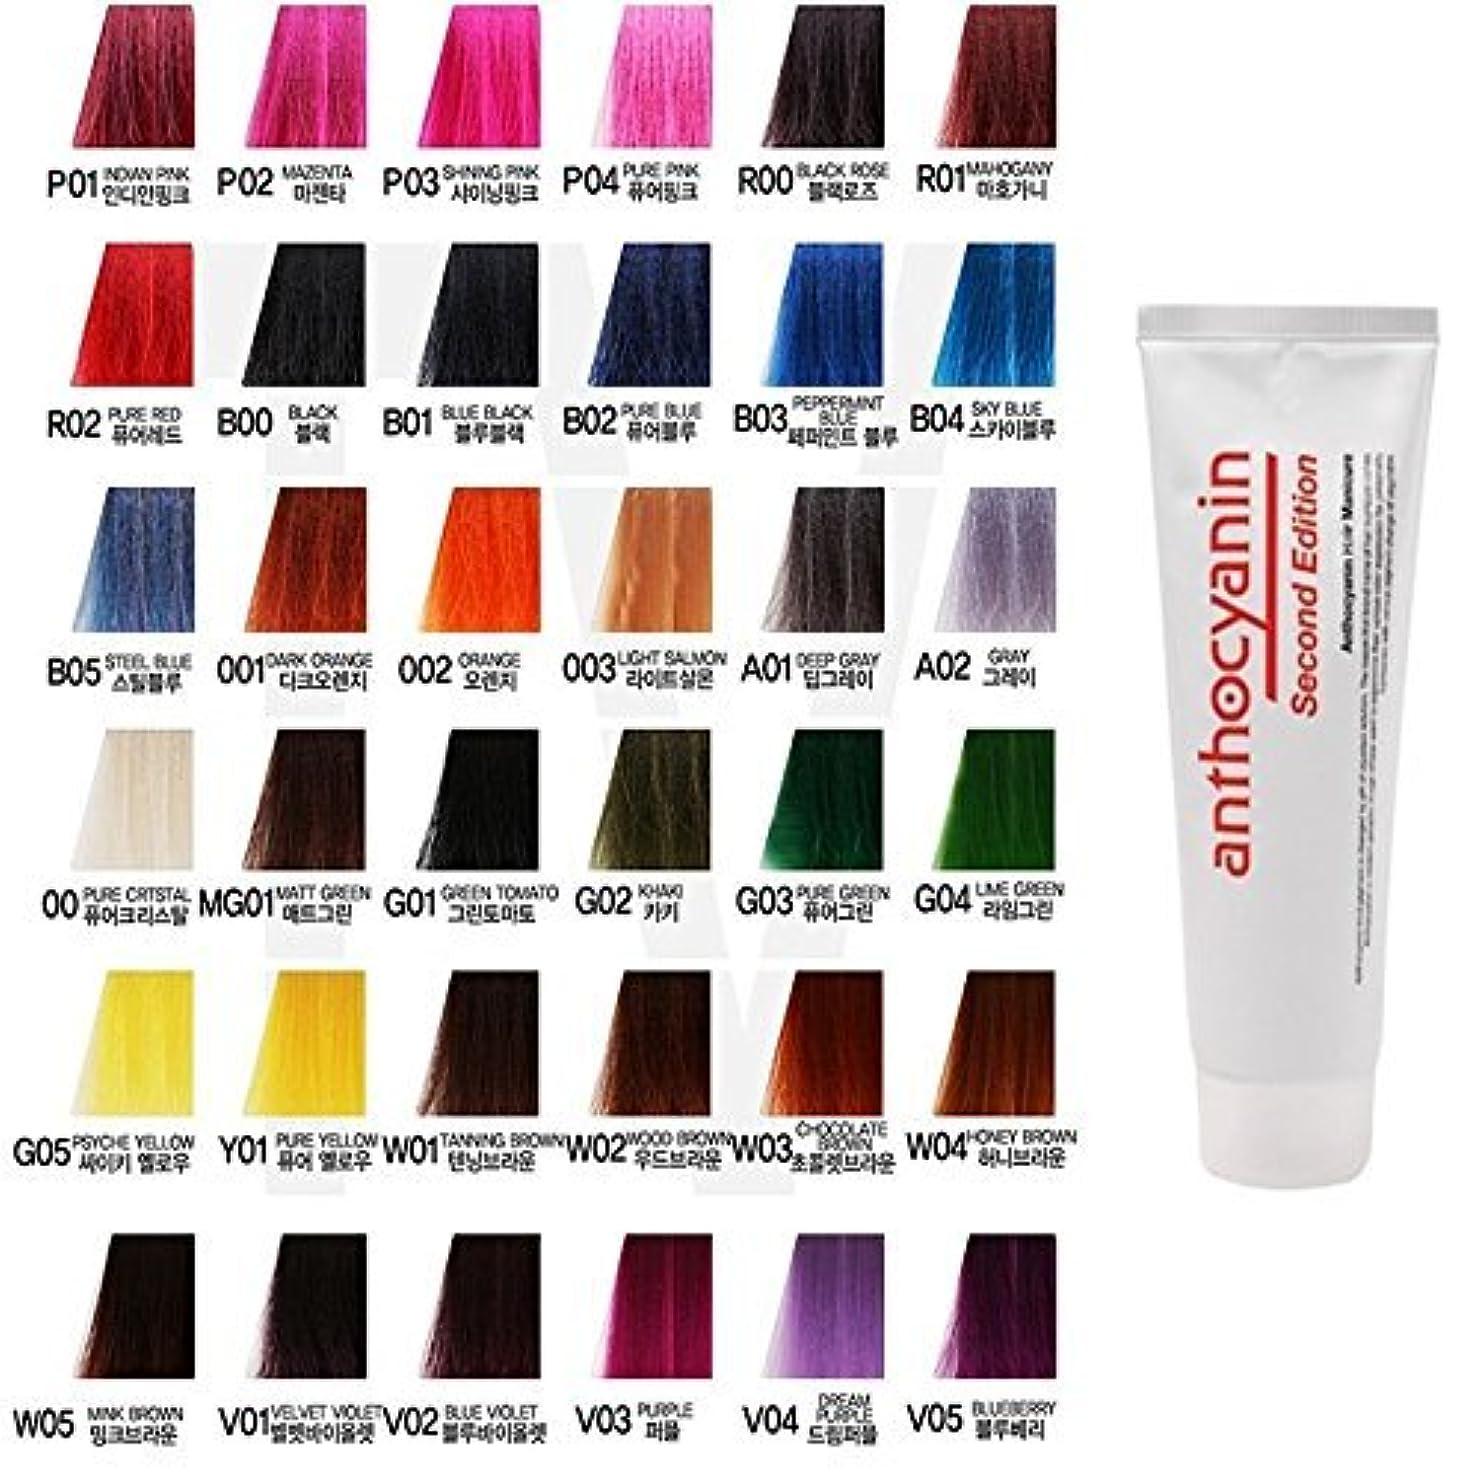 特派員懲戒アシストヘア マニキュア カラー セカンド エディション 230g セミ パーマネント 染毛剤 ( Hair Manicure Color Second Edition 230g Semi Permanent Hair Dye) [並行輸入品] (O02 Orange)